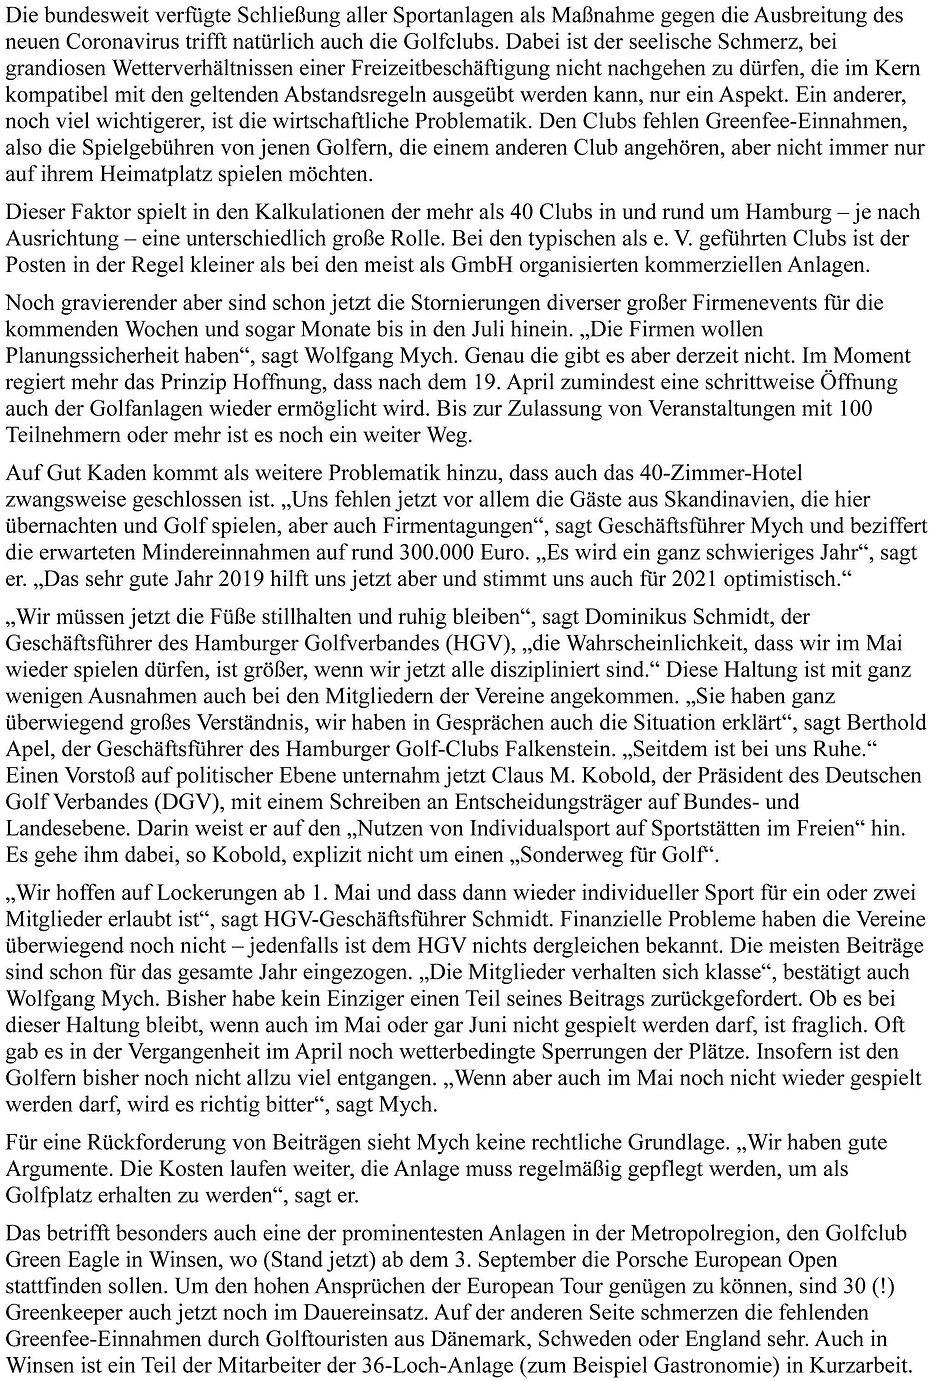 abendblatt 2 Kopie.jpg